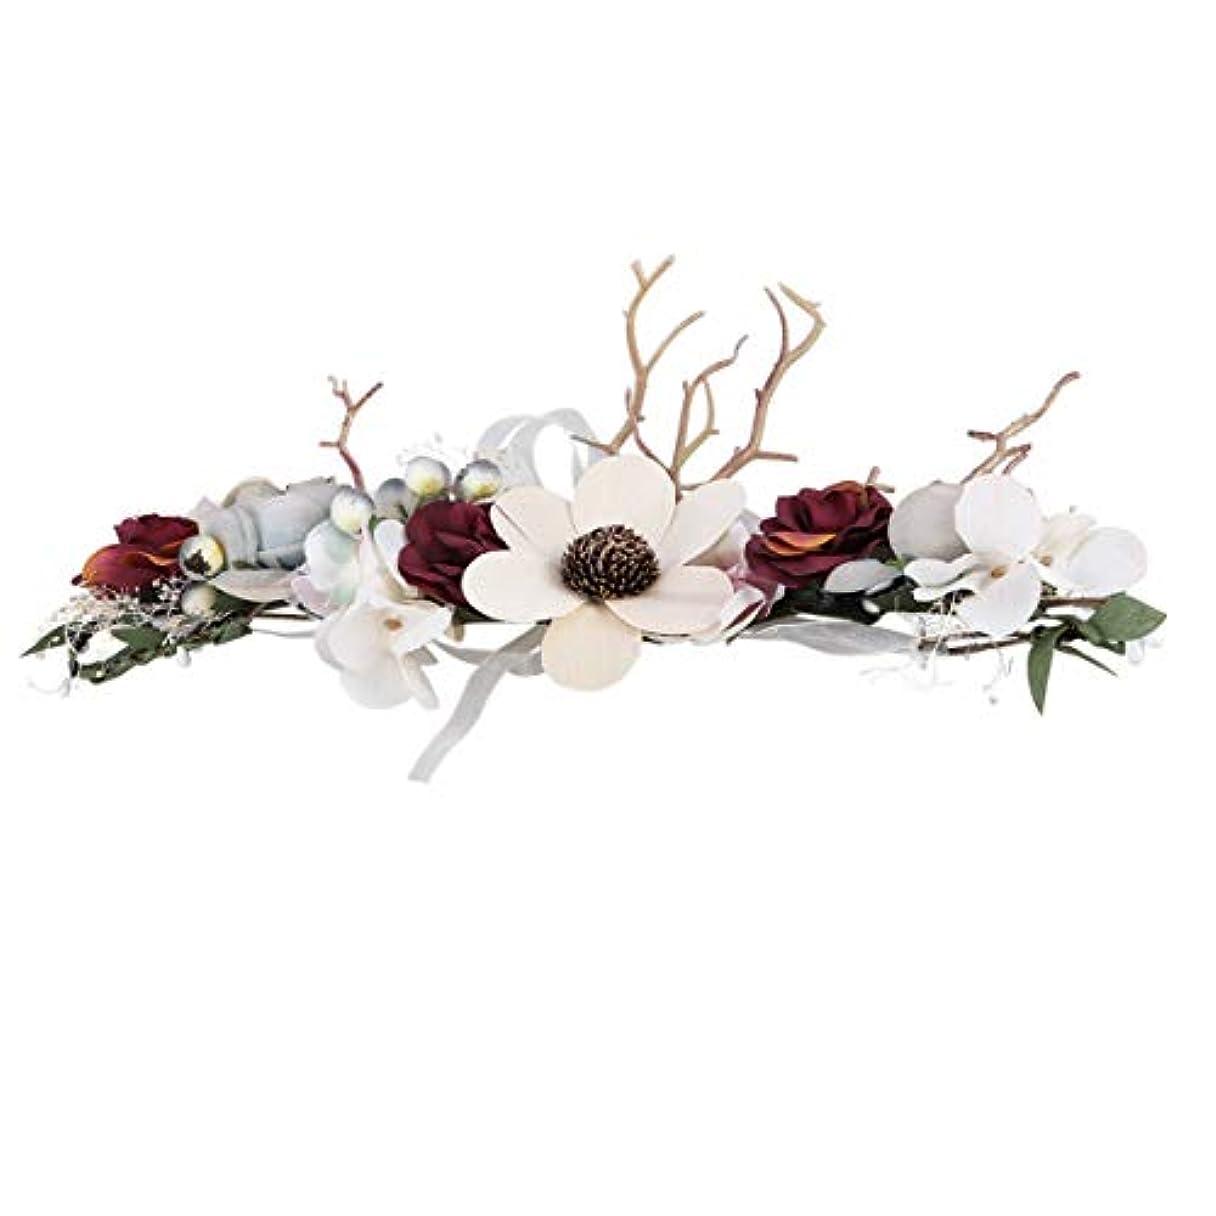 ゲームフィットネス服Lurrose クリスマスフローラルヘッドバンド枝角花冠結婚式花冠髪の花輪